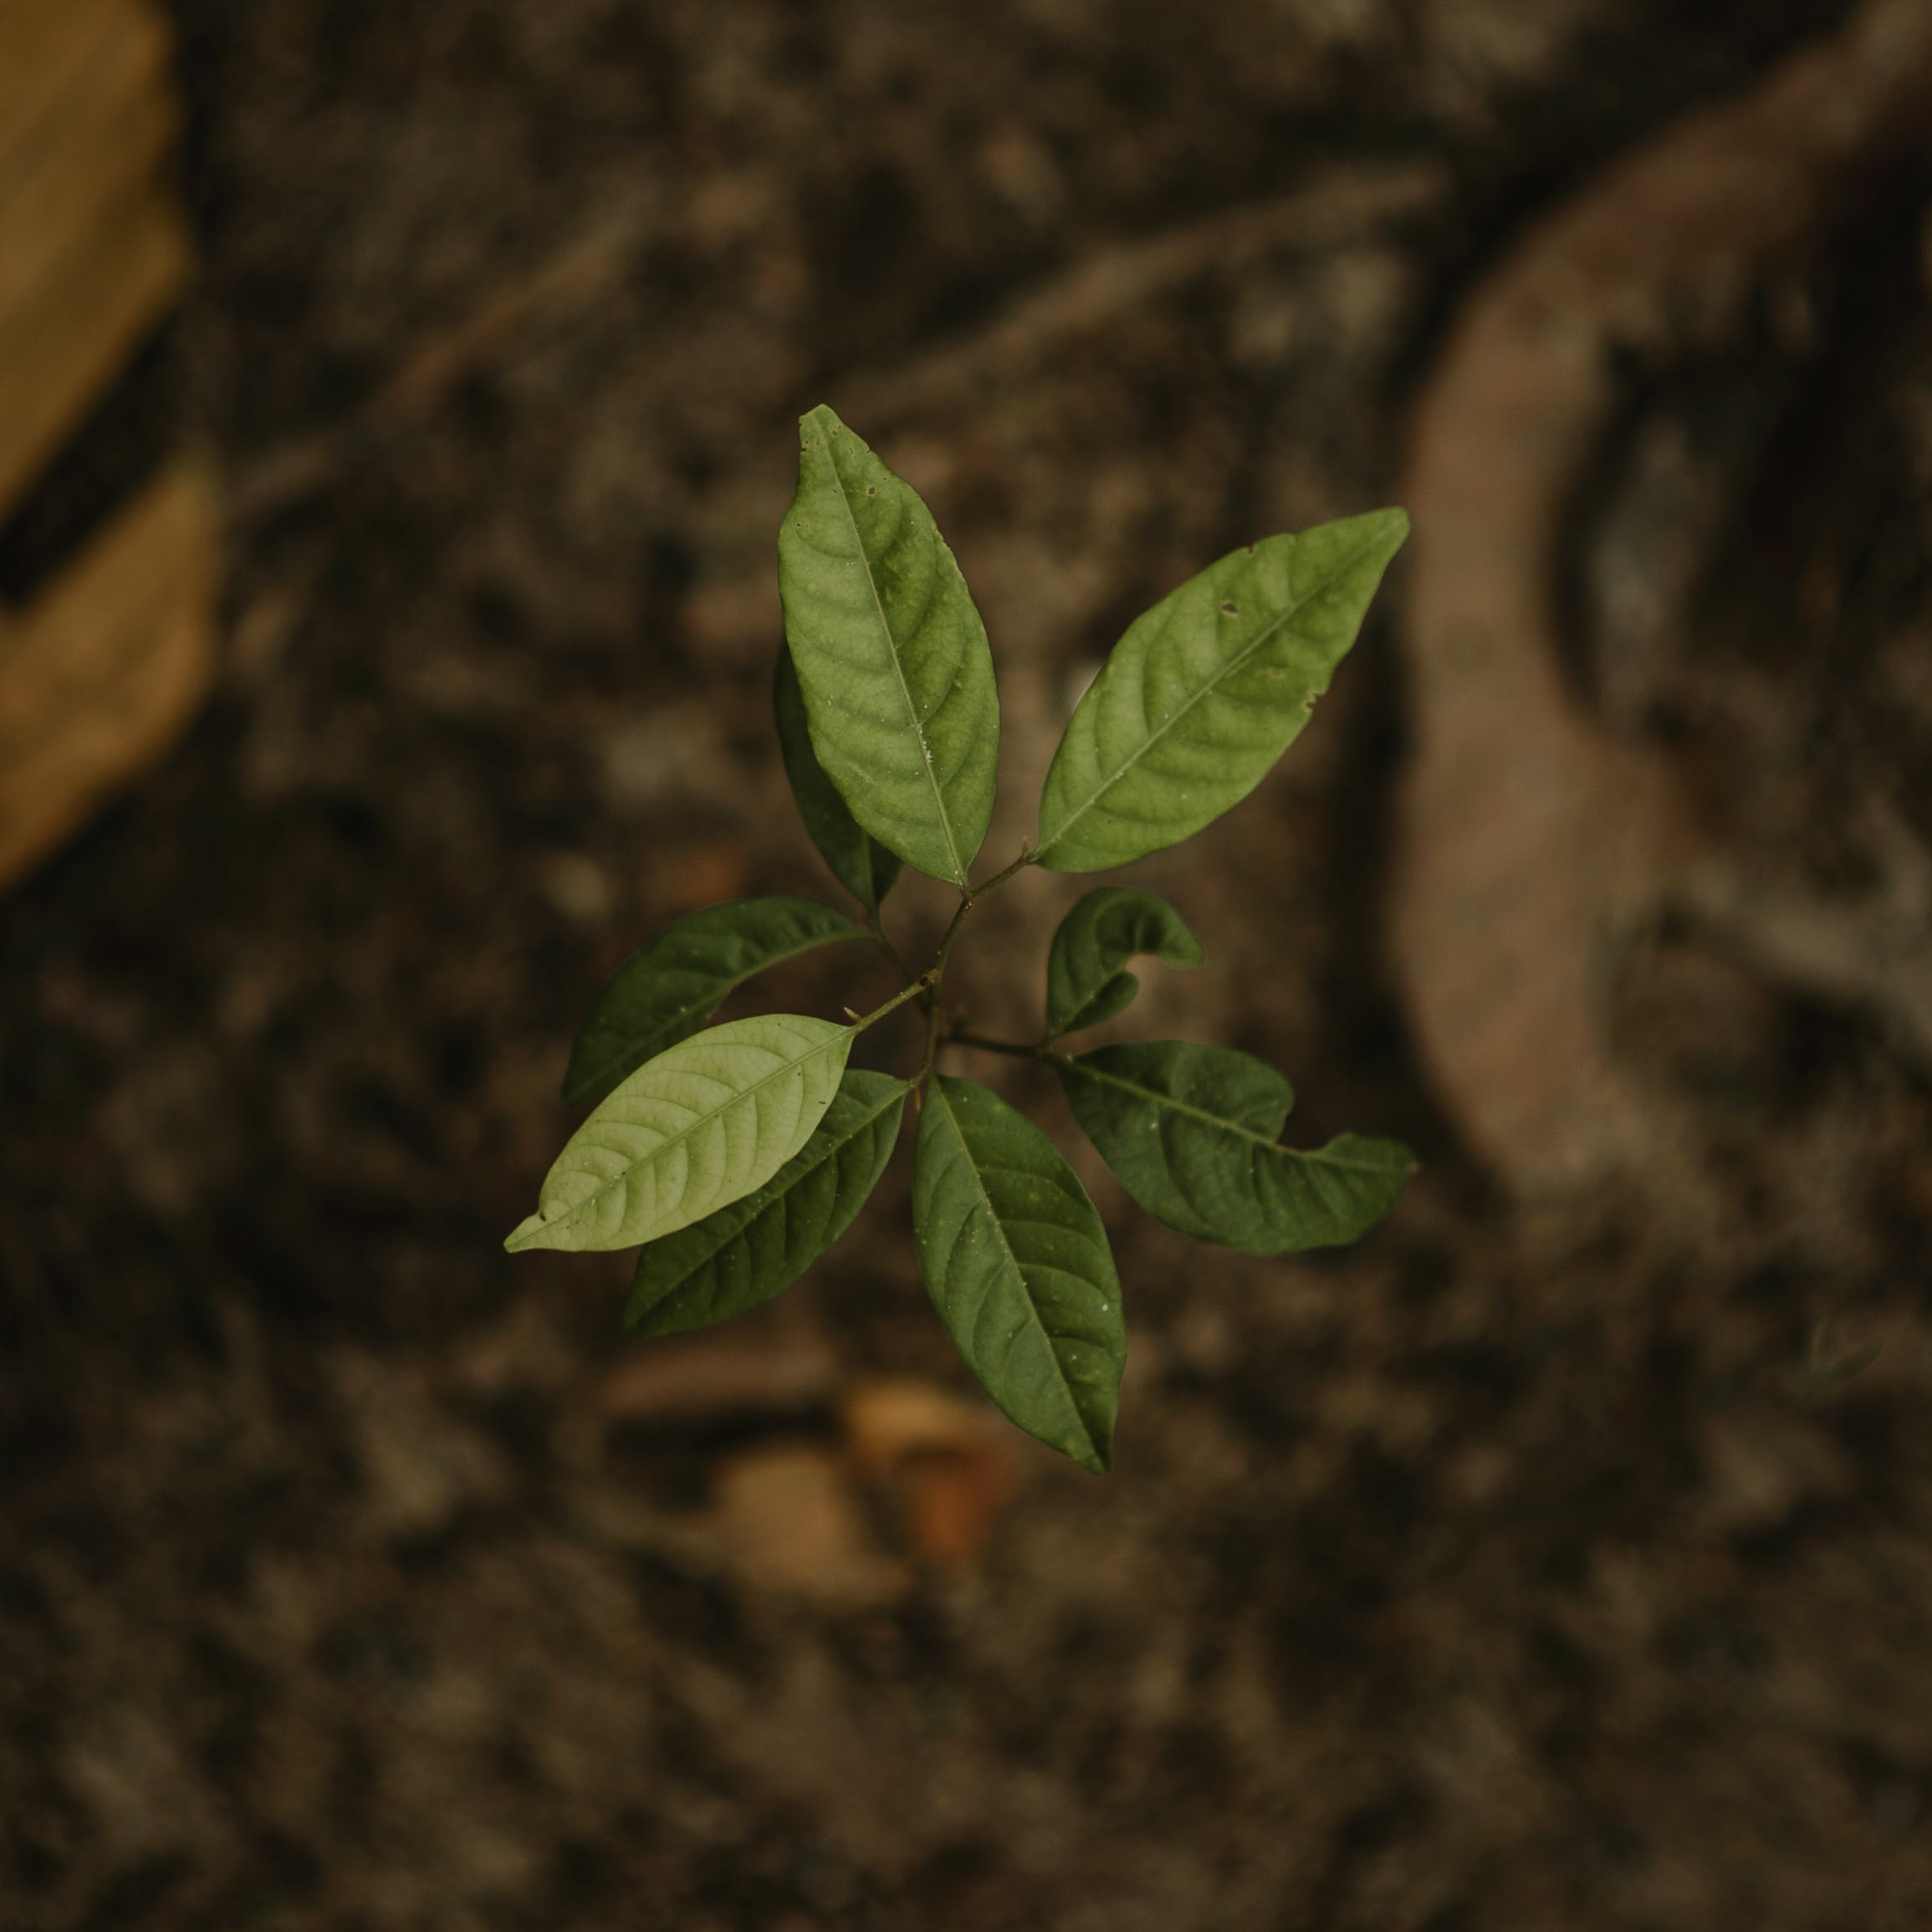 Fotos de stock gratuitas de crecimiento, ecología, fondo borroso, medio ambiente